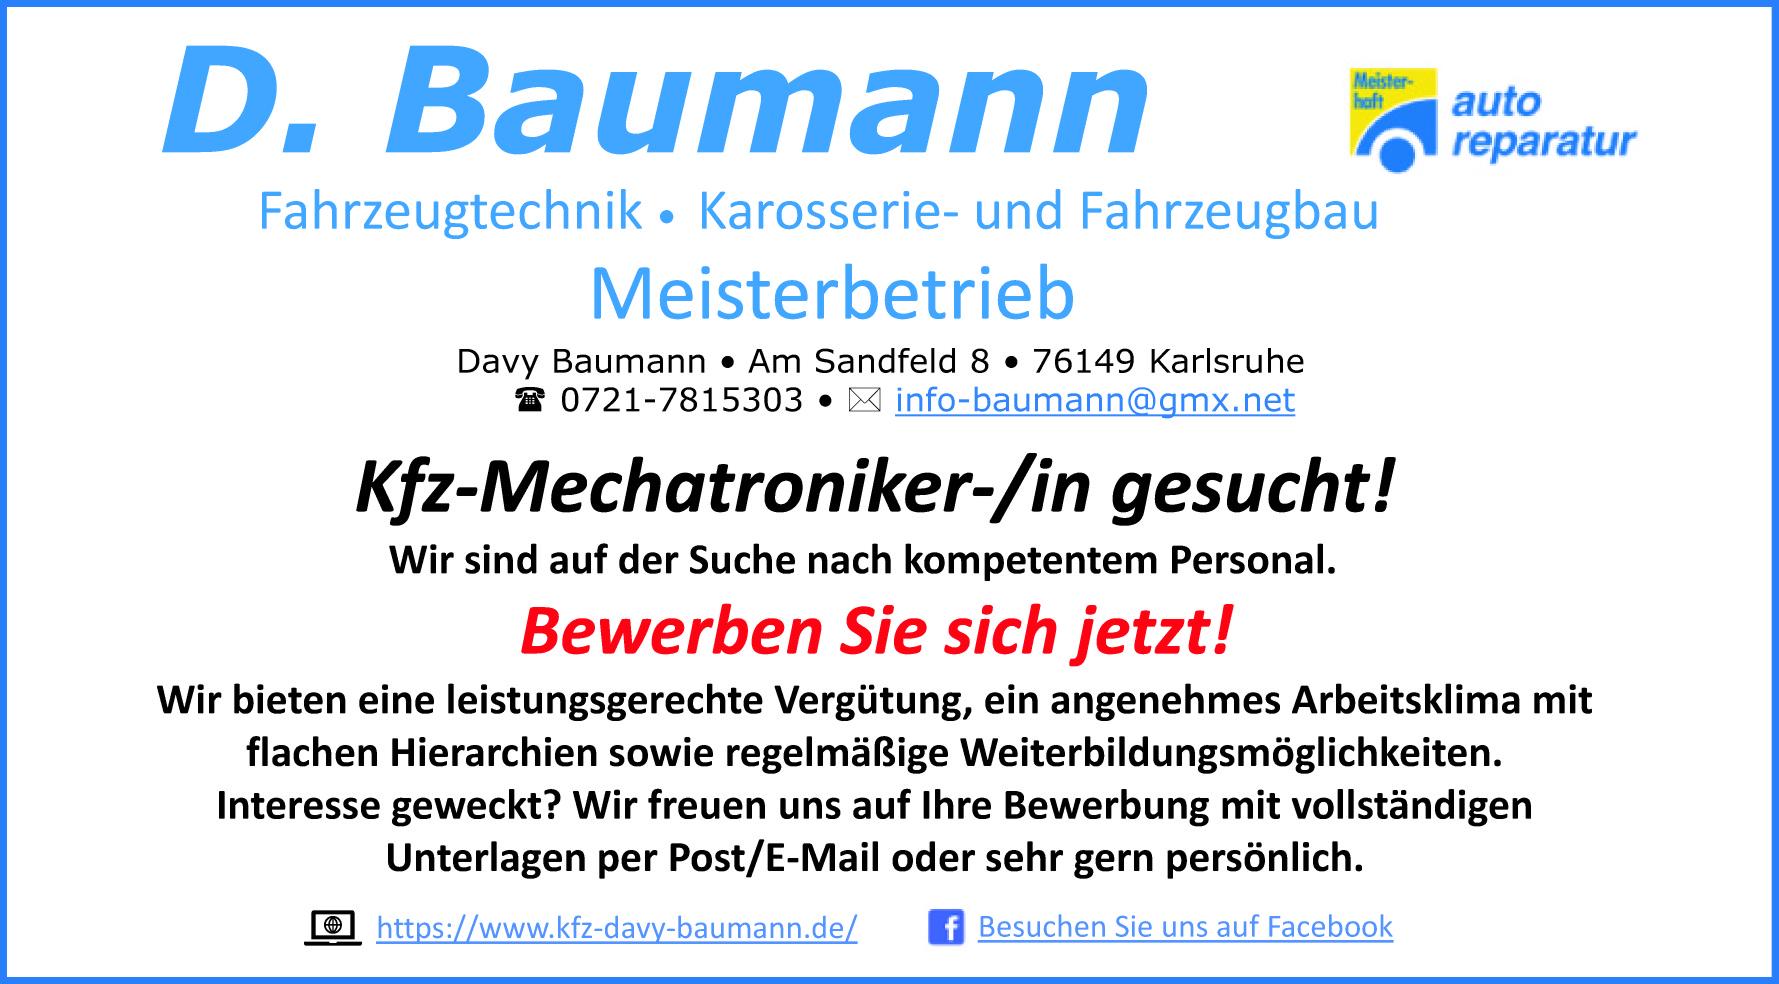 D. Baumann